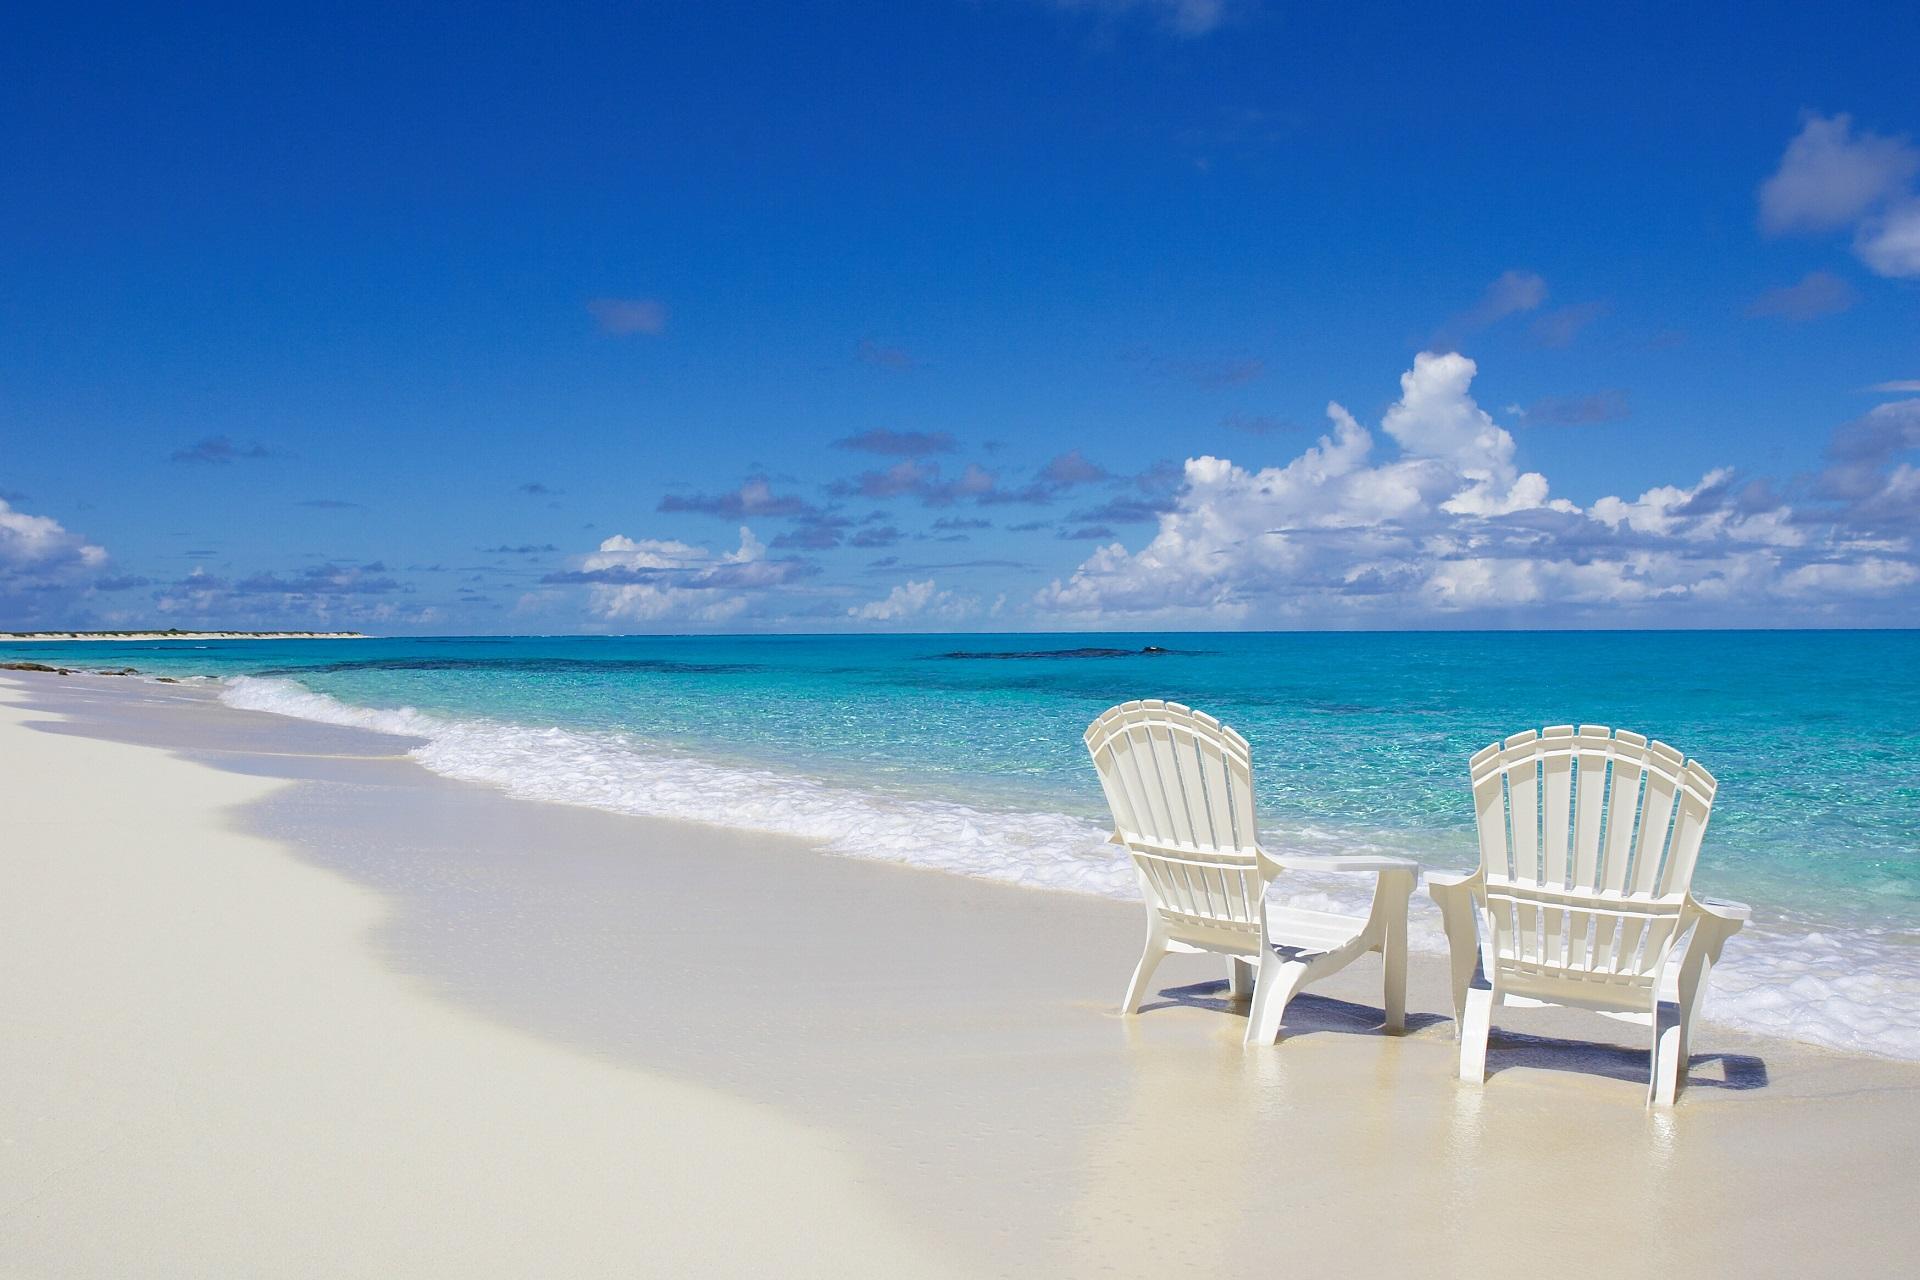 migliori spiagge per trovare il caldo durante l'inverno